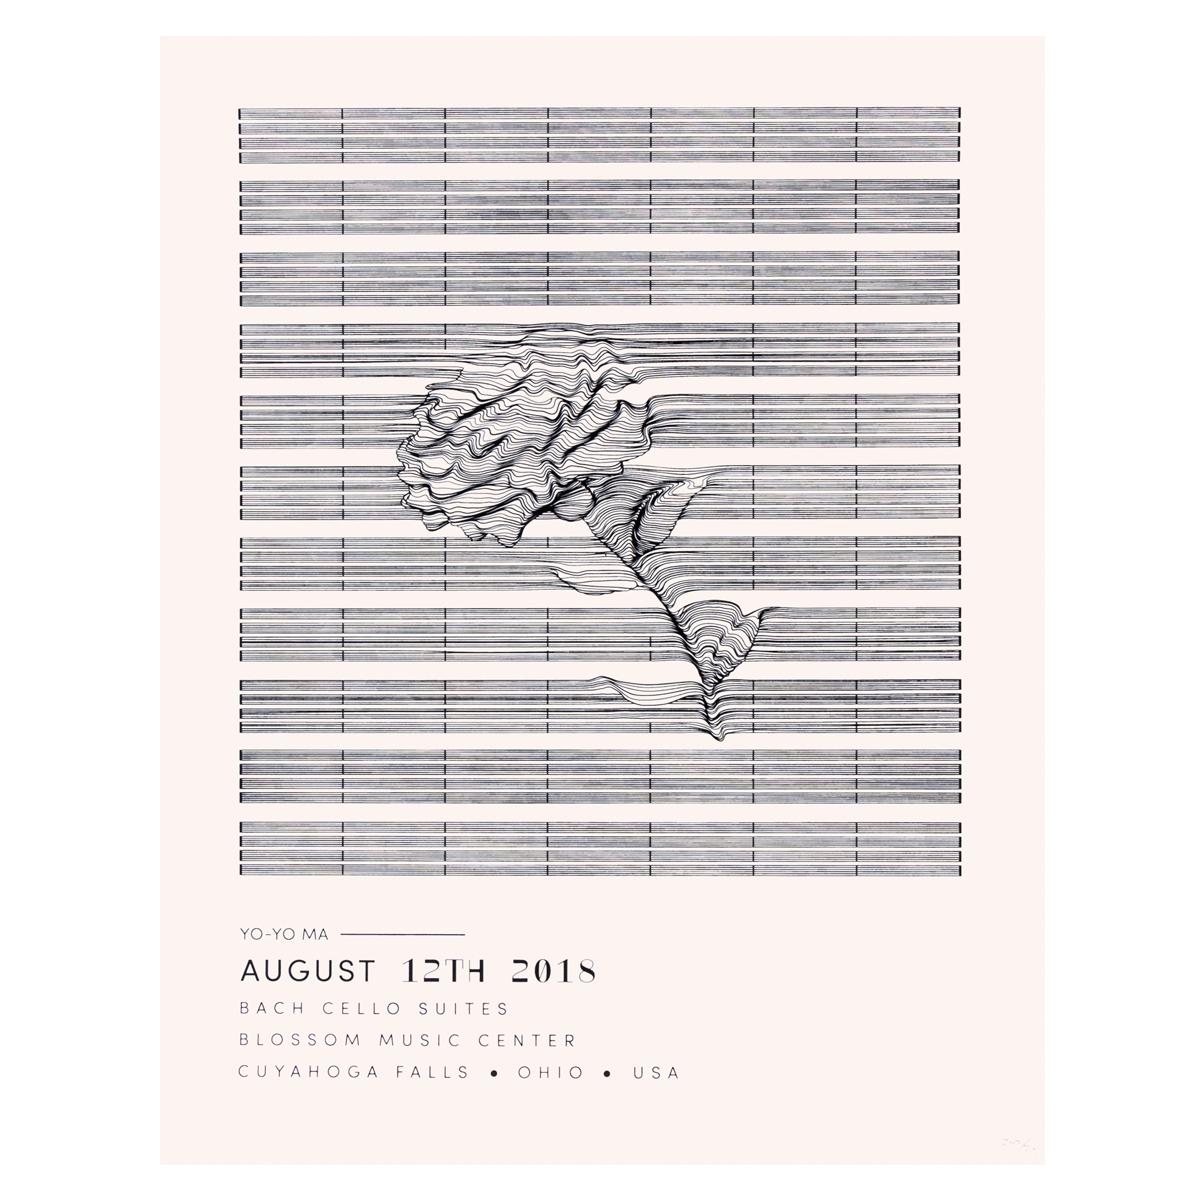 Blossom Music Center 2018 Poster